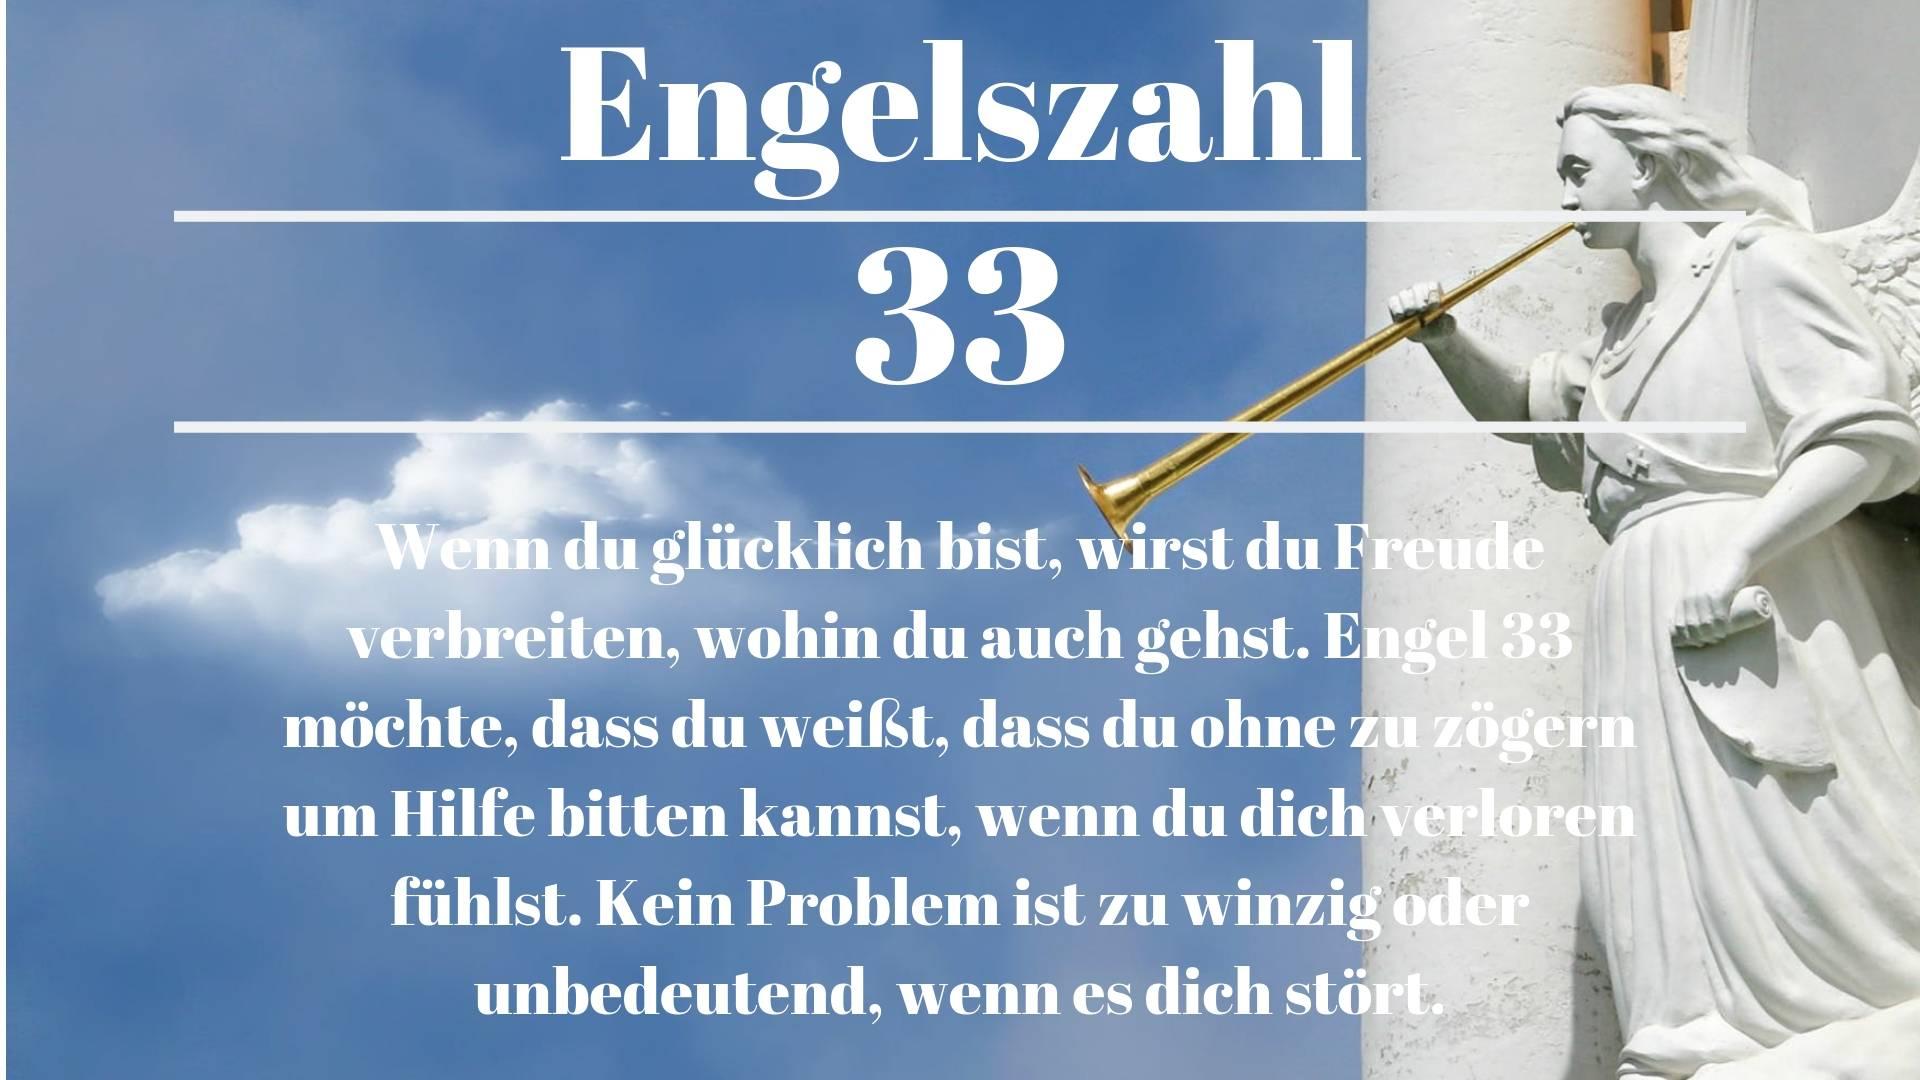 Engelszahl 33 und ihre Bedeutung – Warum siehst du 33?